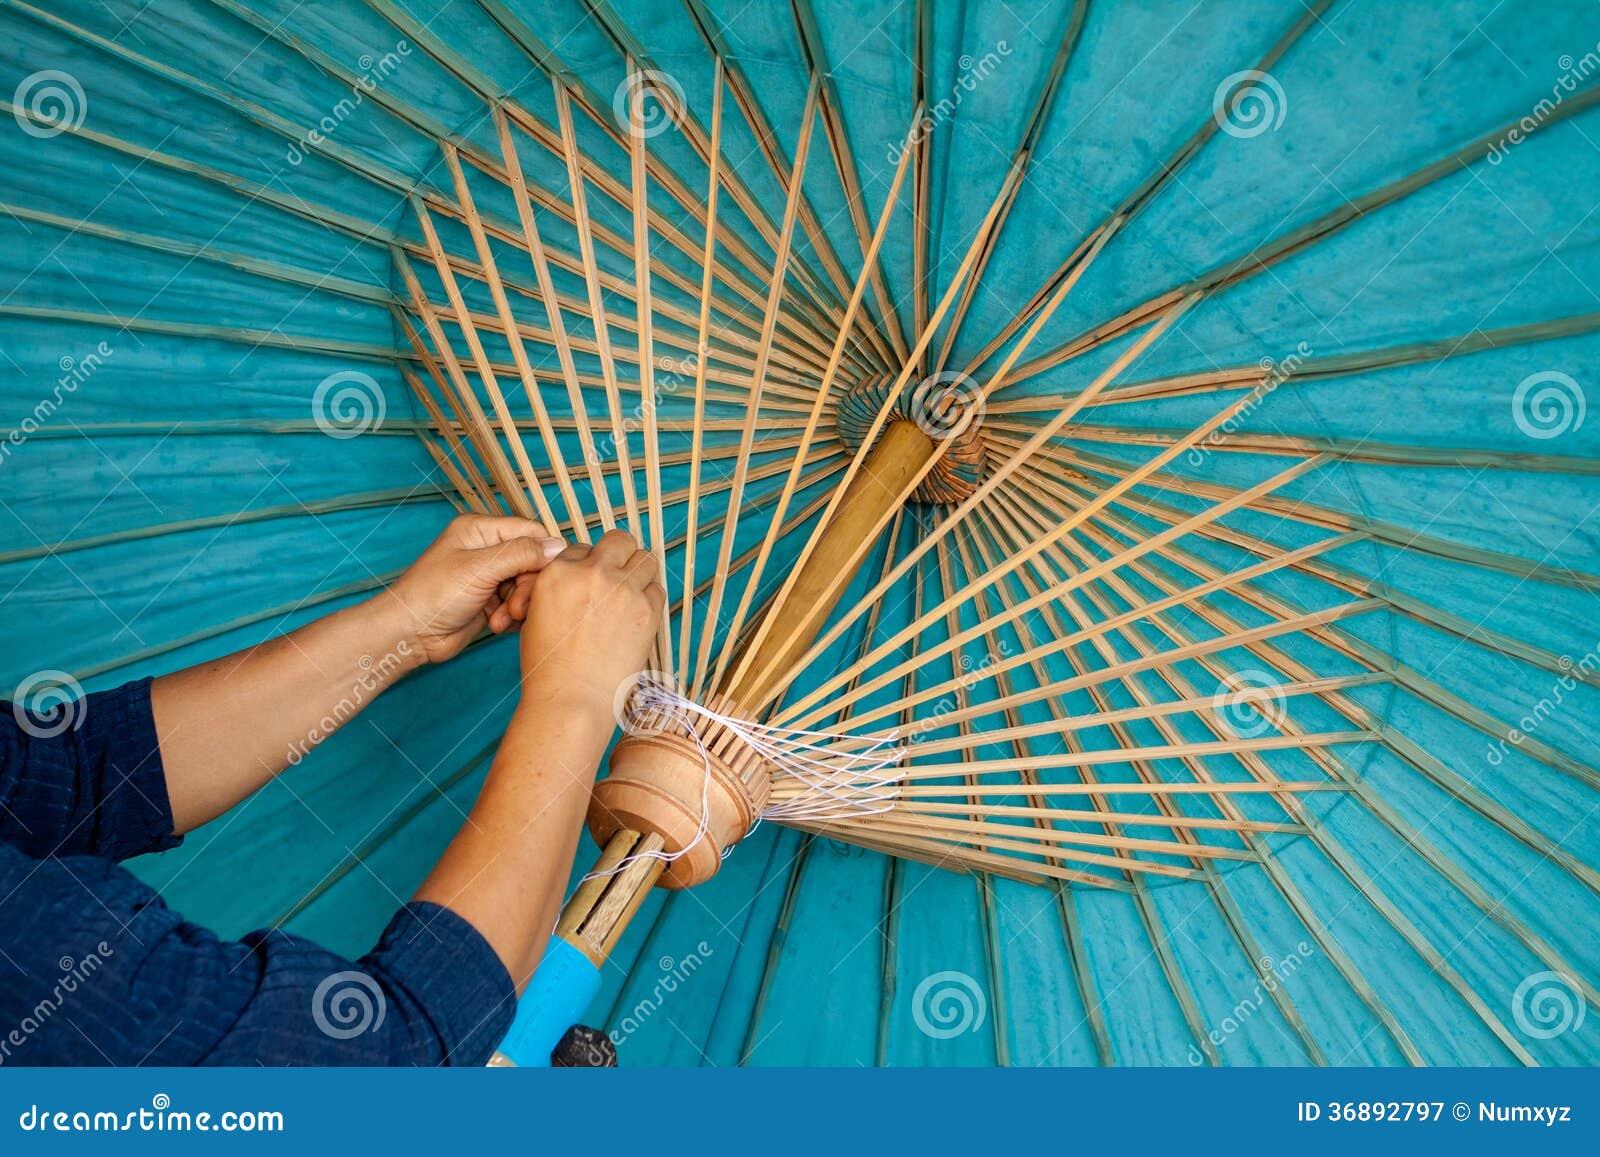 Download L'ombrello Ha Fatto La Carta Della Forma Immagine Stock - Immagine di ornamento, asiatico: 36892797